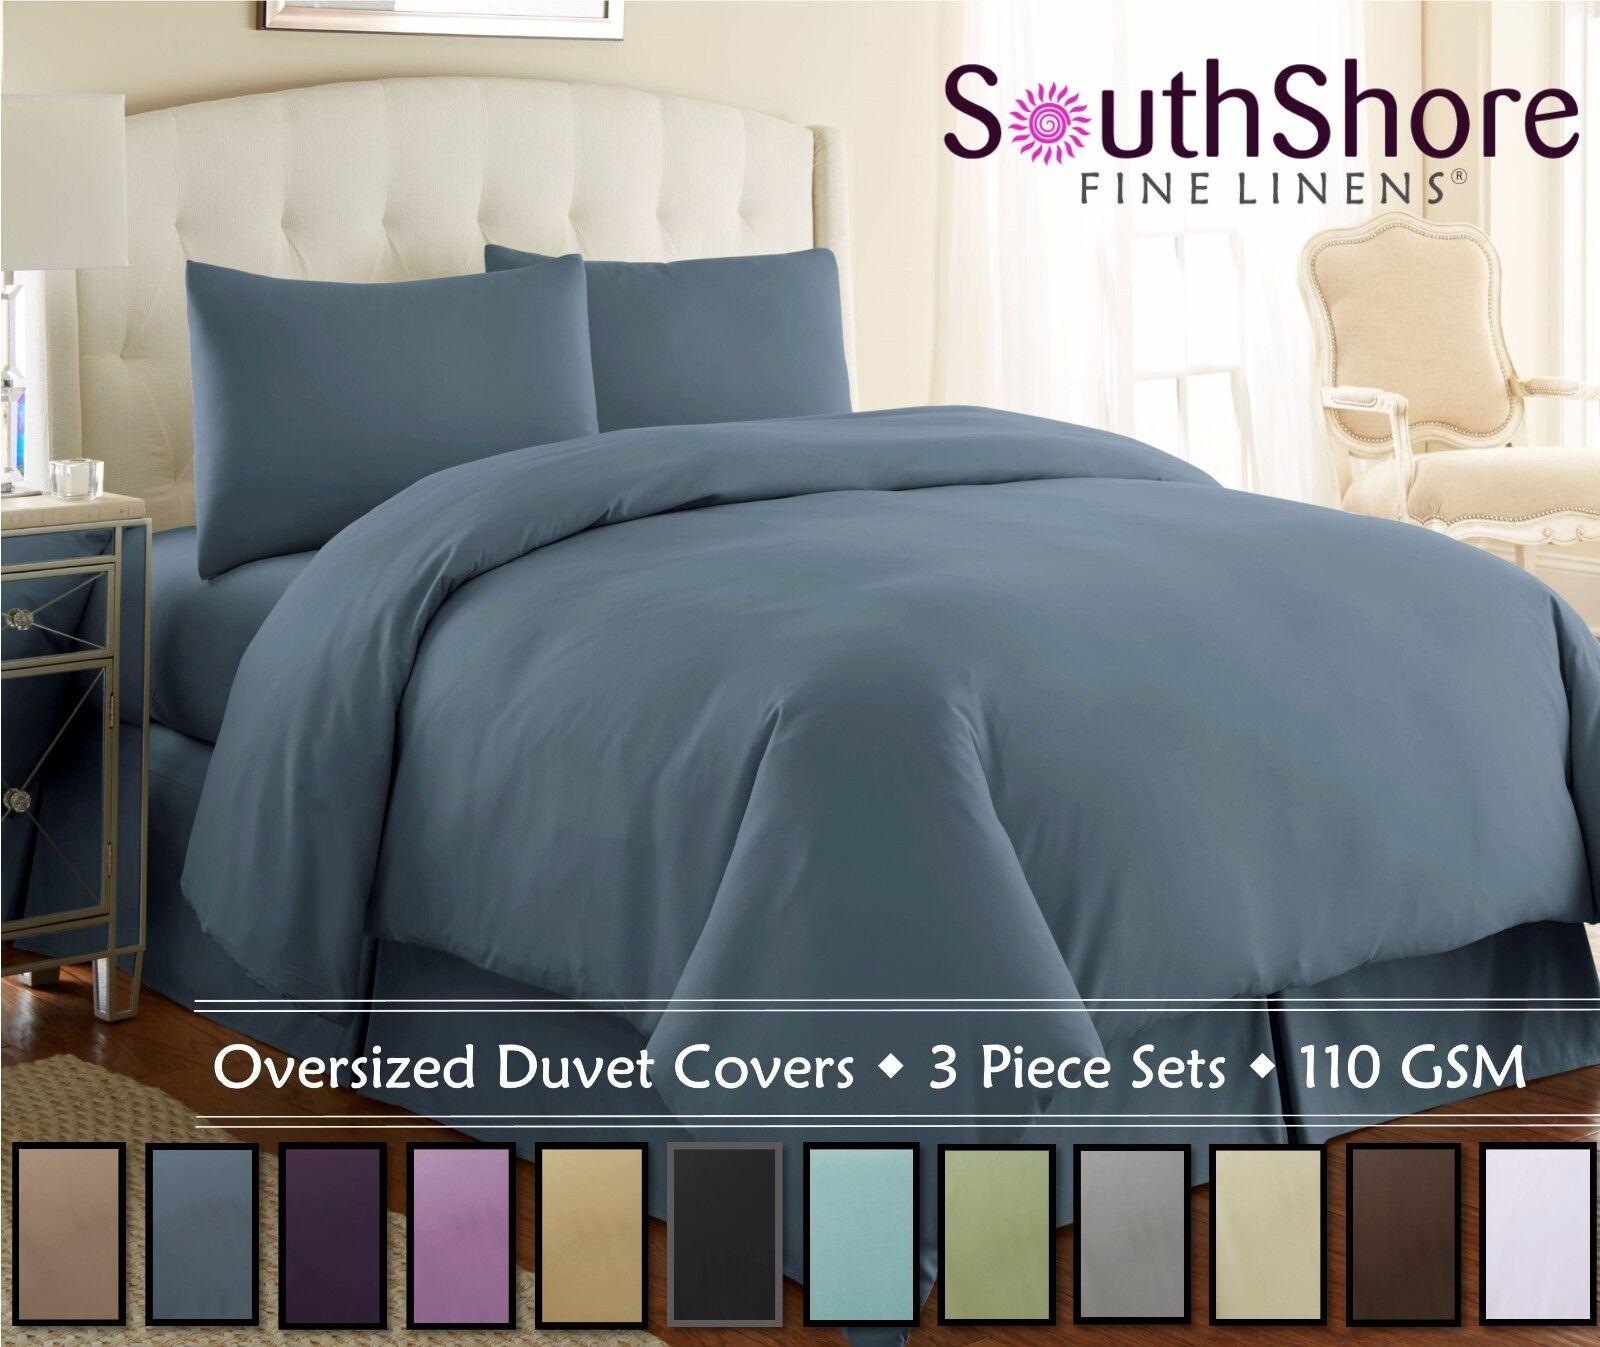 Vilano Springs Solid color 3-Piece Duvet Cover Set by Southshore Fine Linens